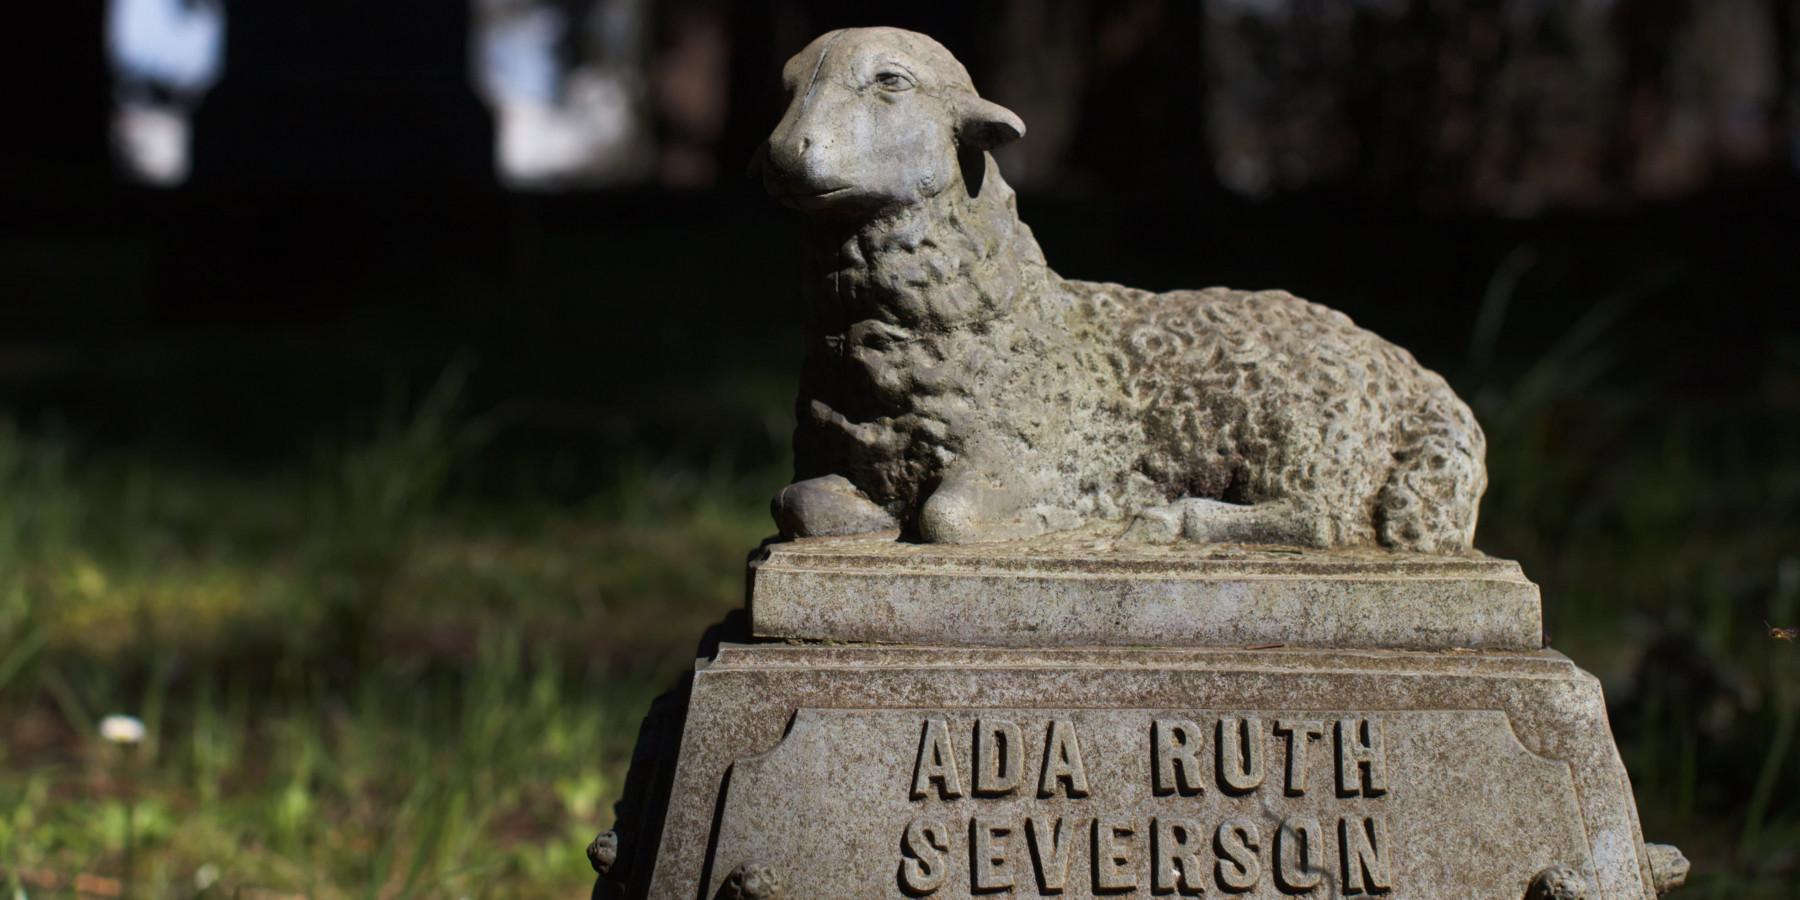 Ada Ruth Severson